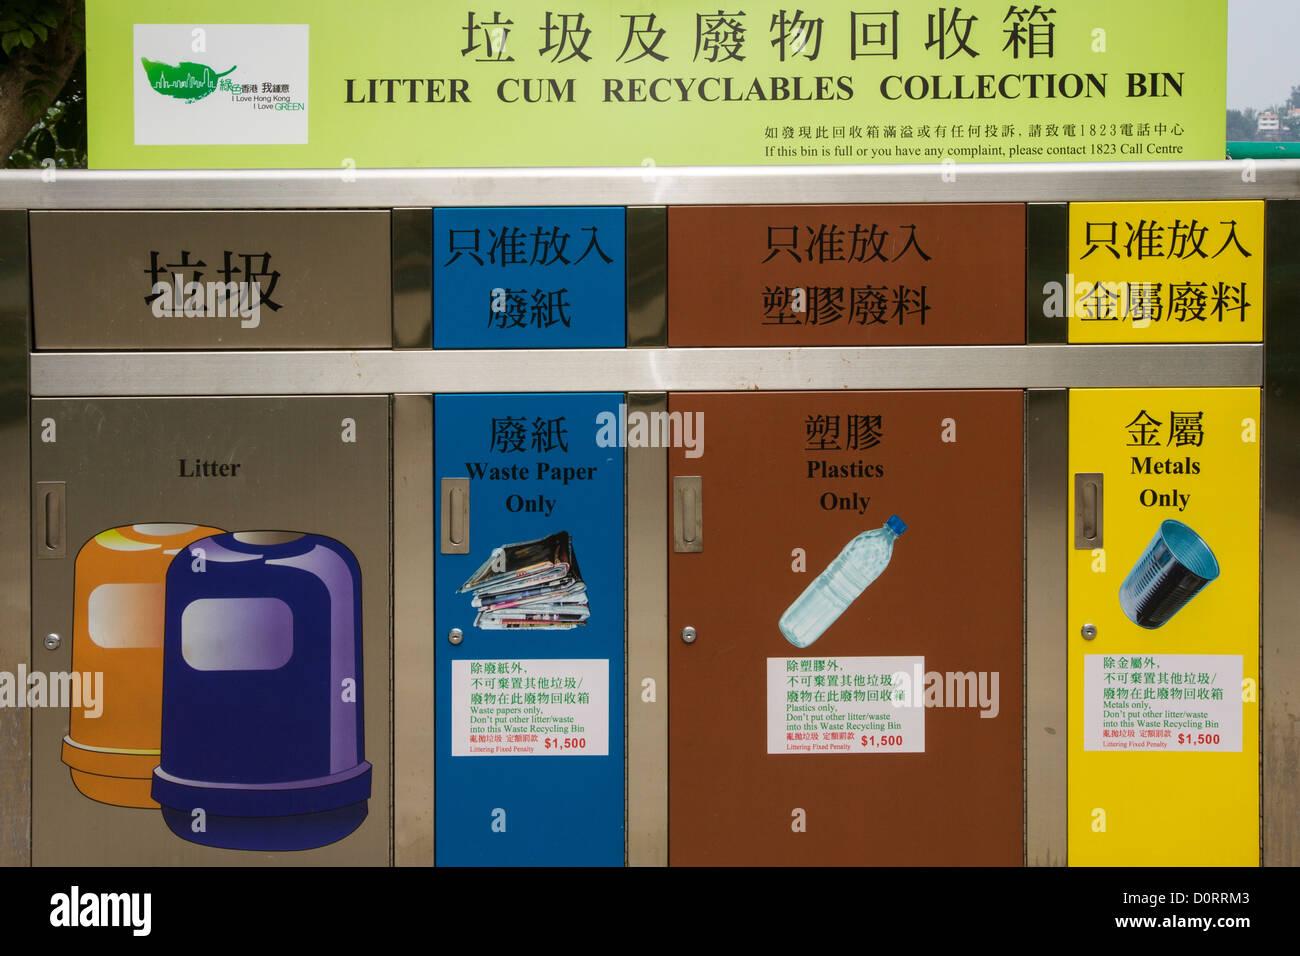 China Hong Kong, recycling collections bins - Stock Image